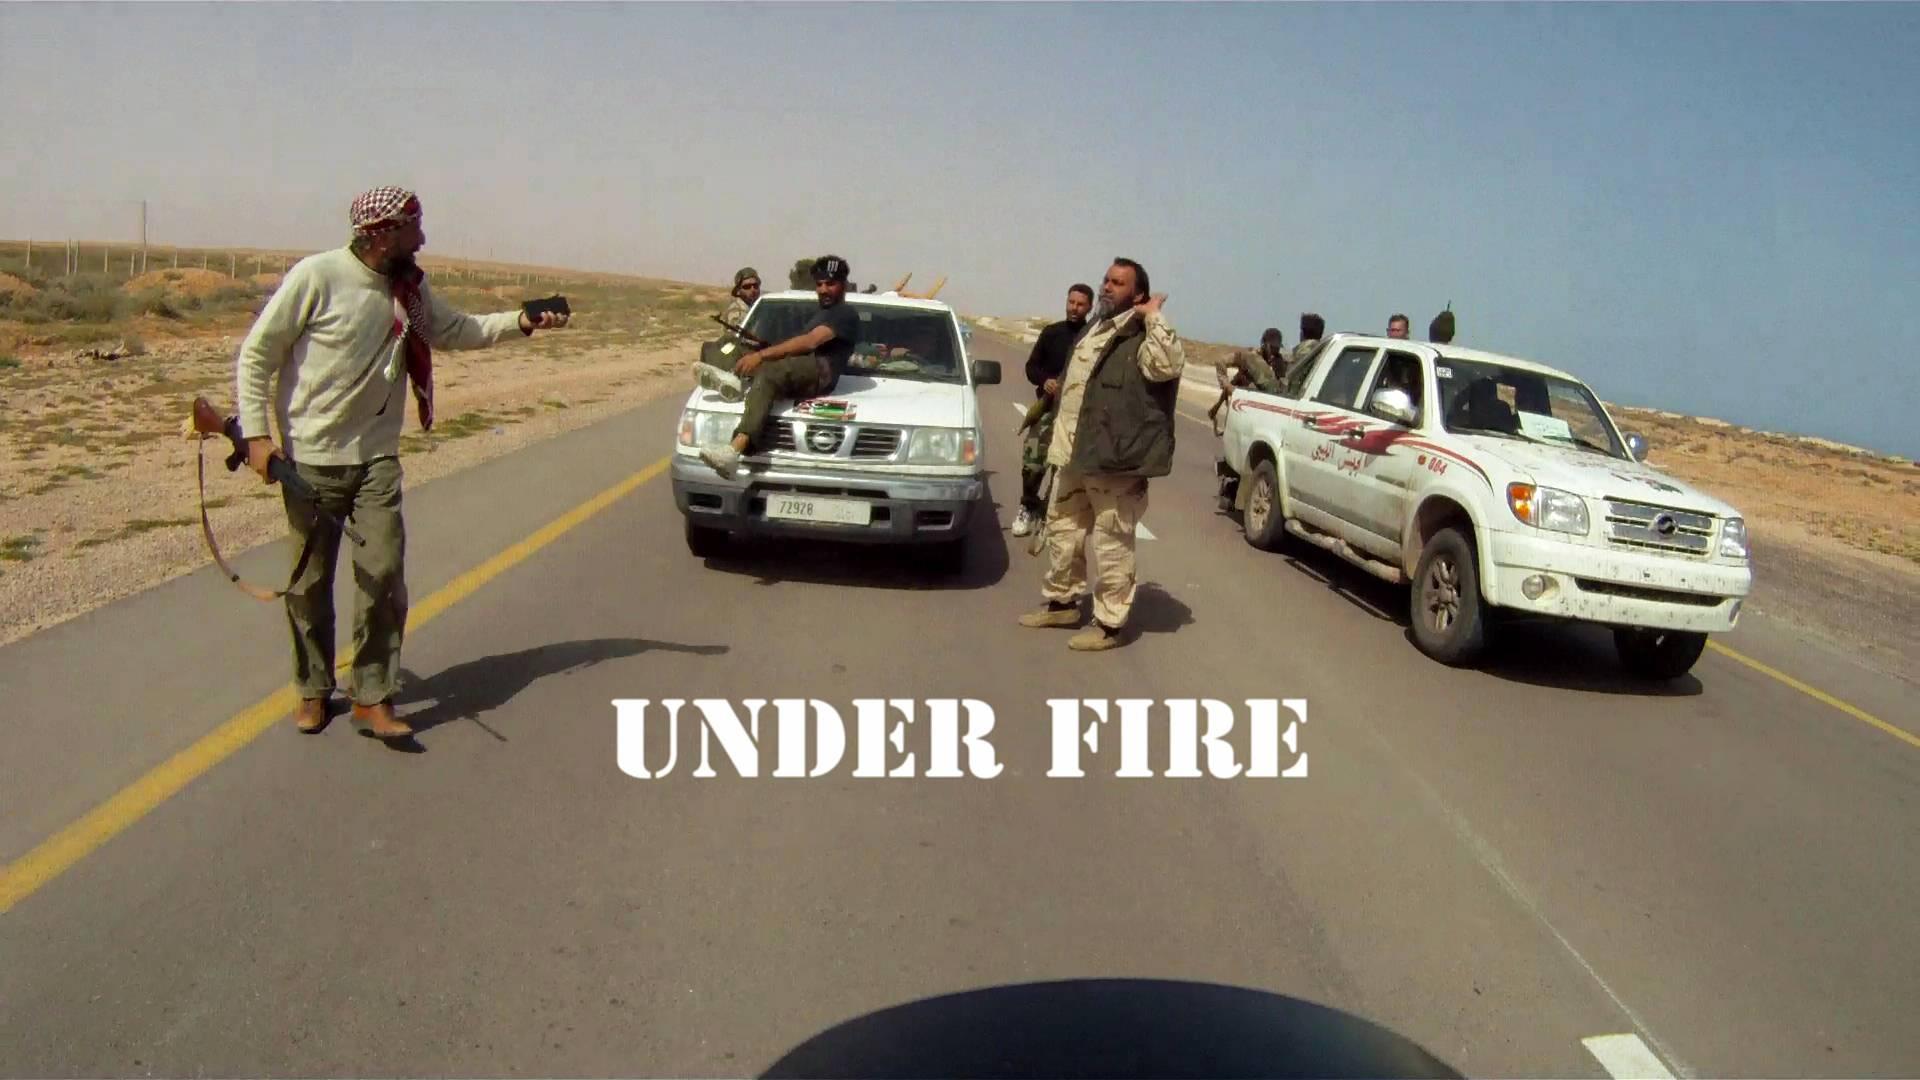 Libya - photo by Finbarr O'Reilly